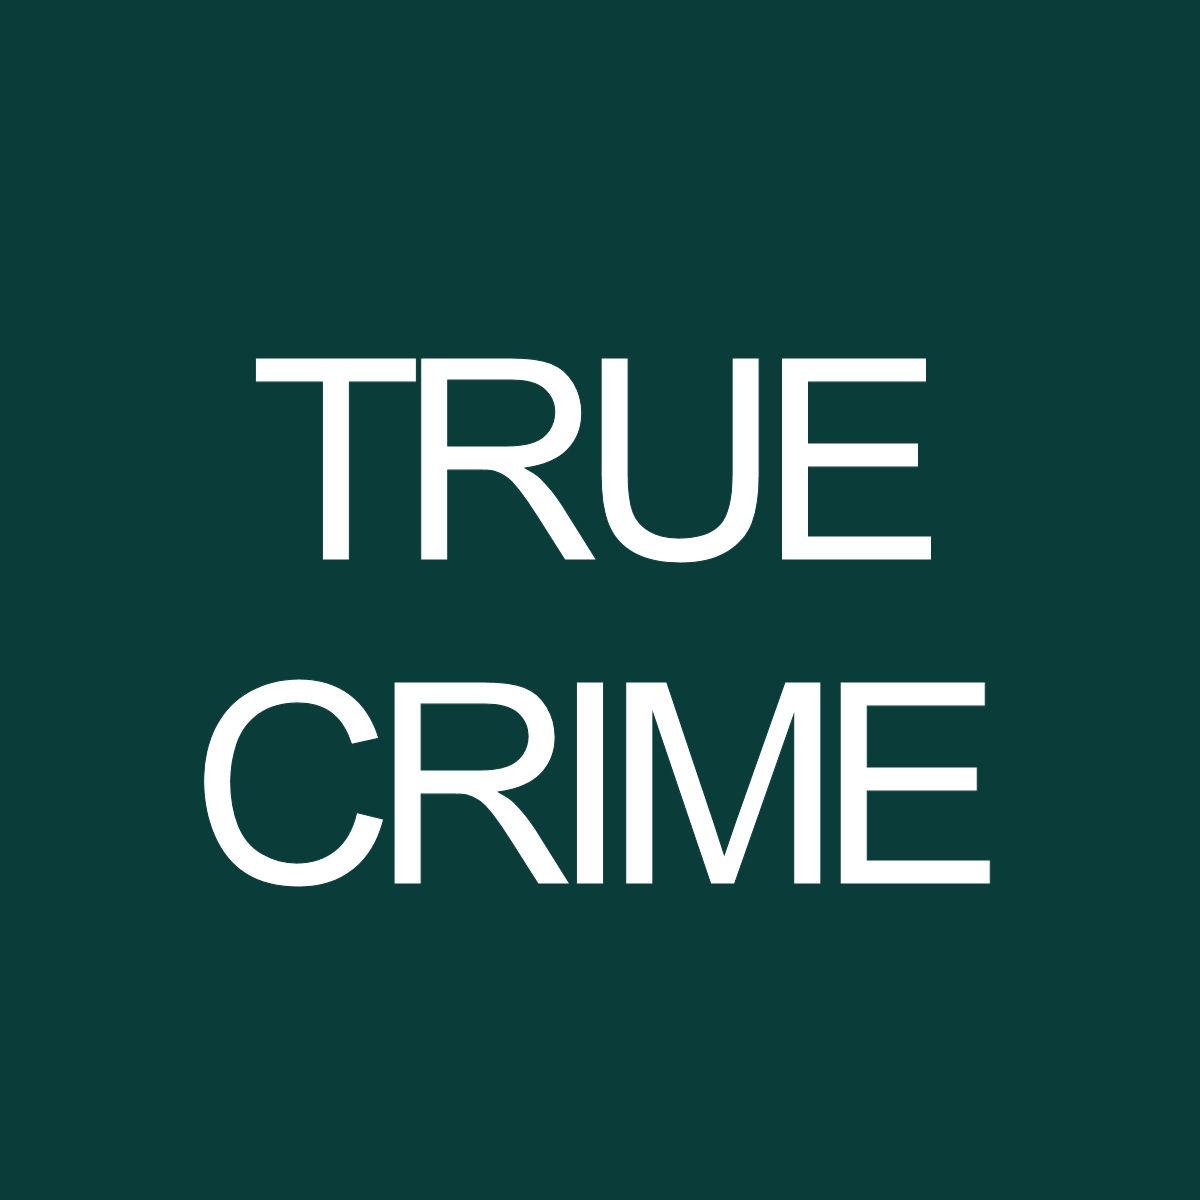 true crime.jpg